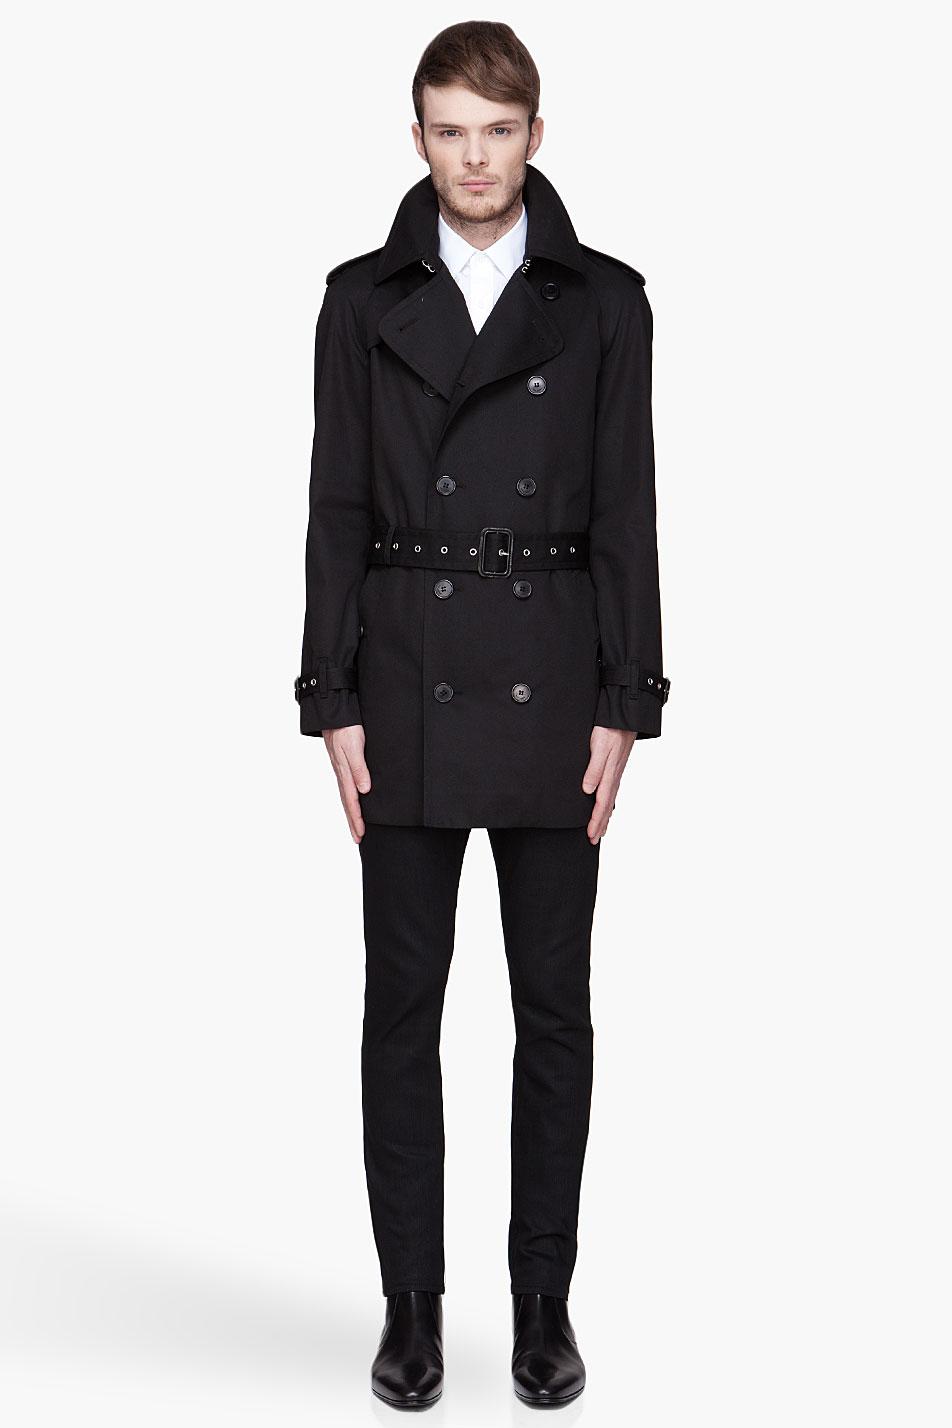 Saint laurent Black Short Trench Coat in Black for Men | Lyst